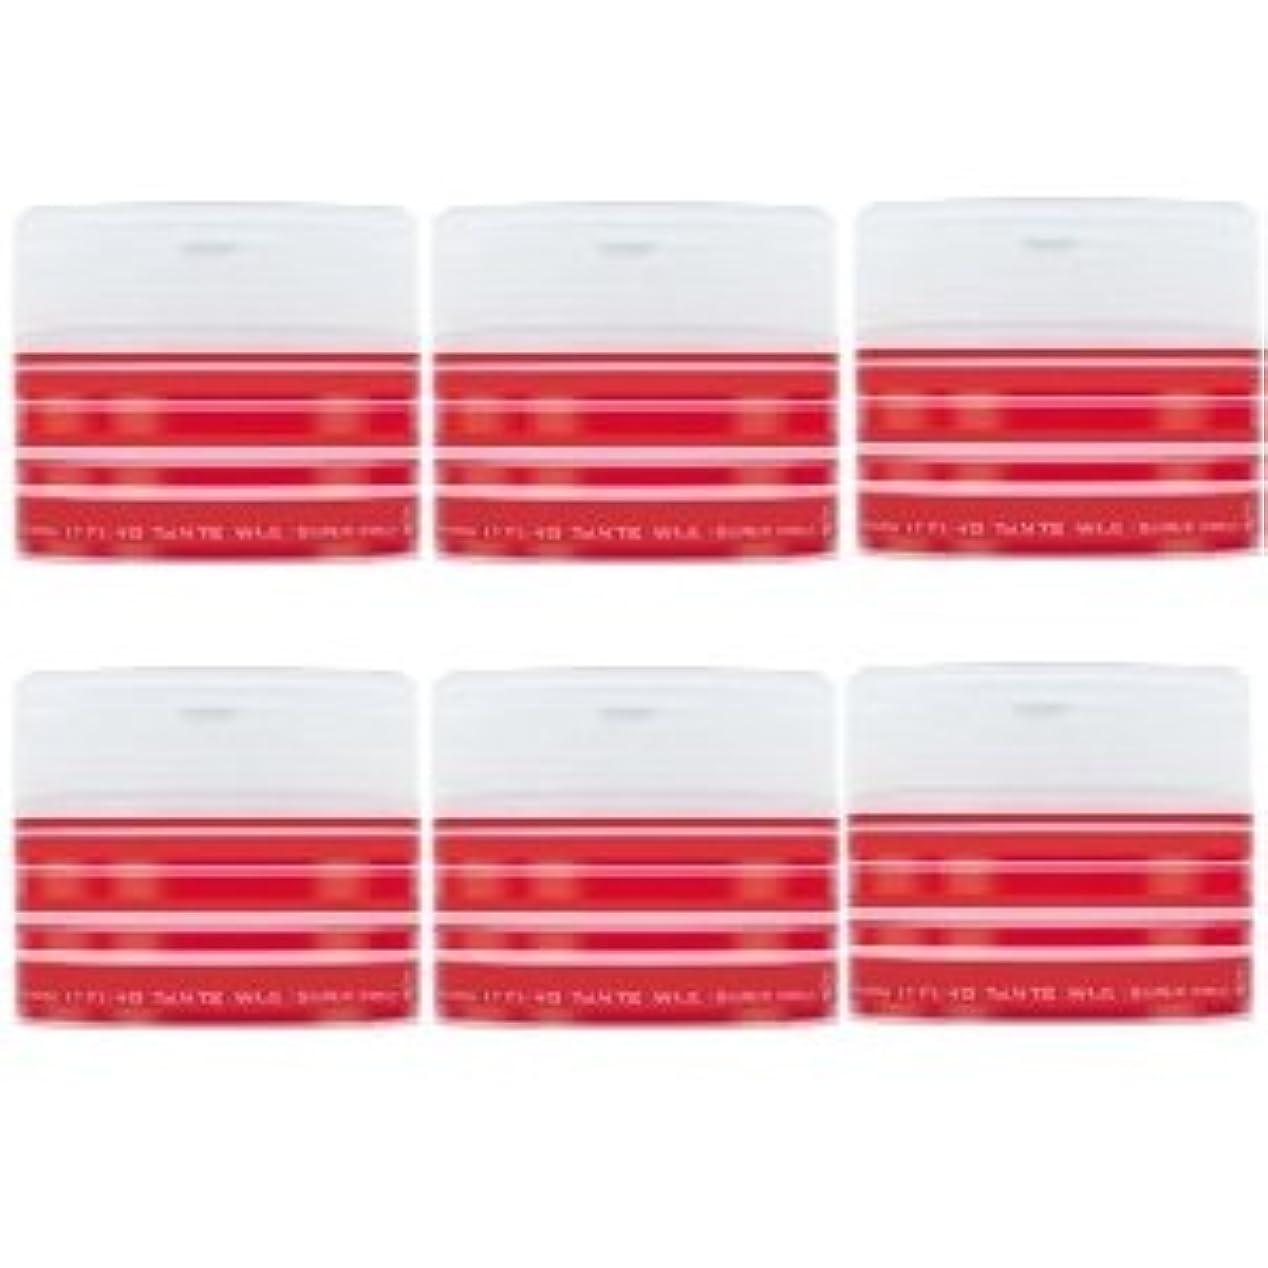 憲法望みとまり木ナカノ スタイリング タントN ワックス 5 スーパーハード 90g × 6個セット